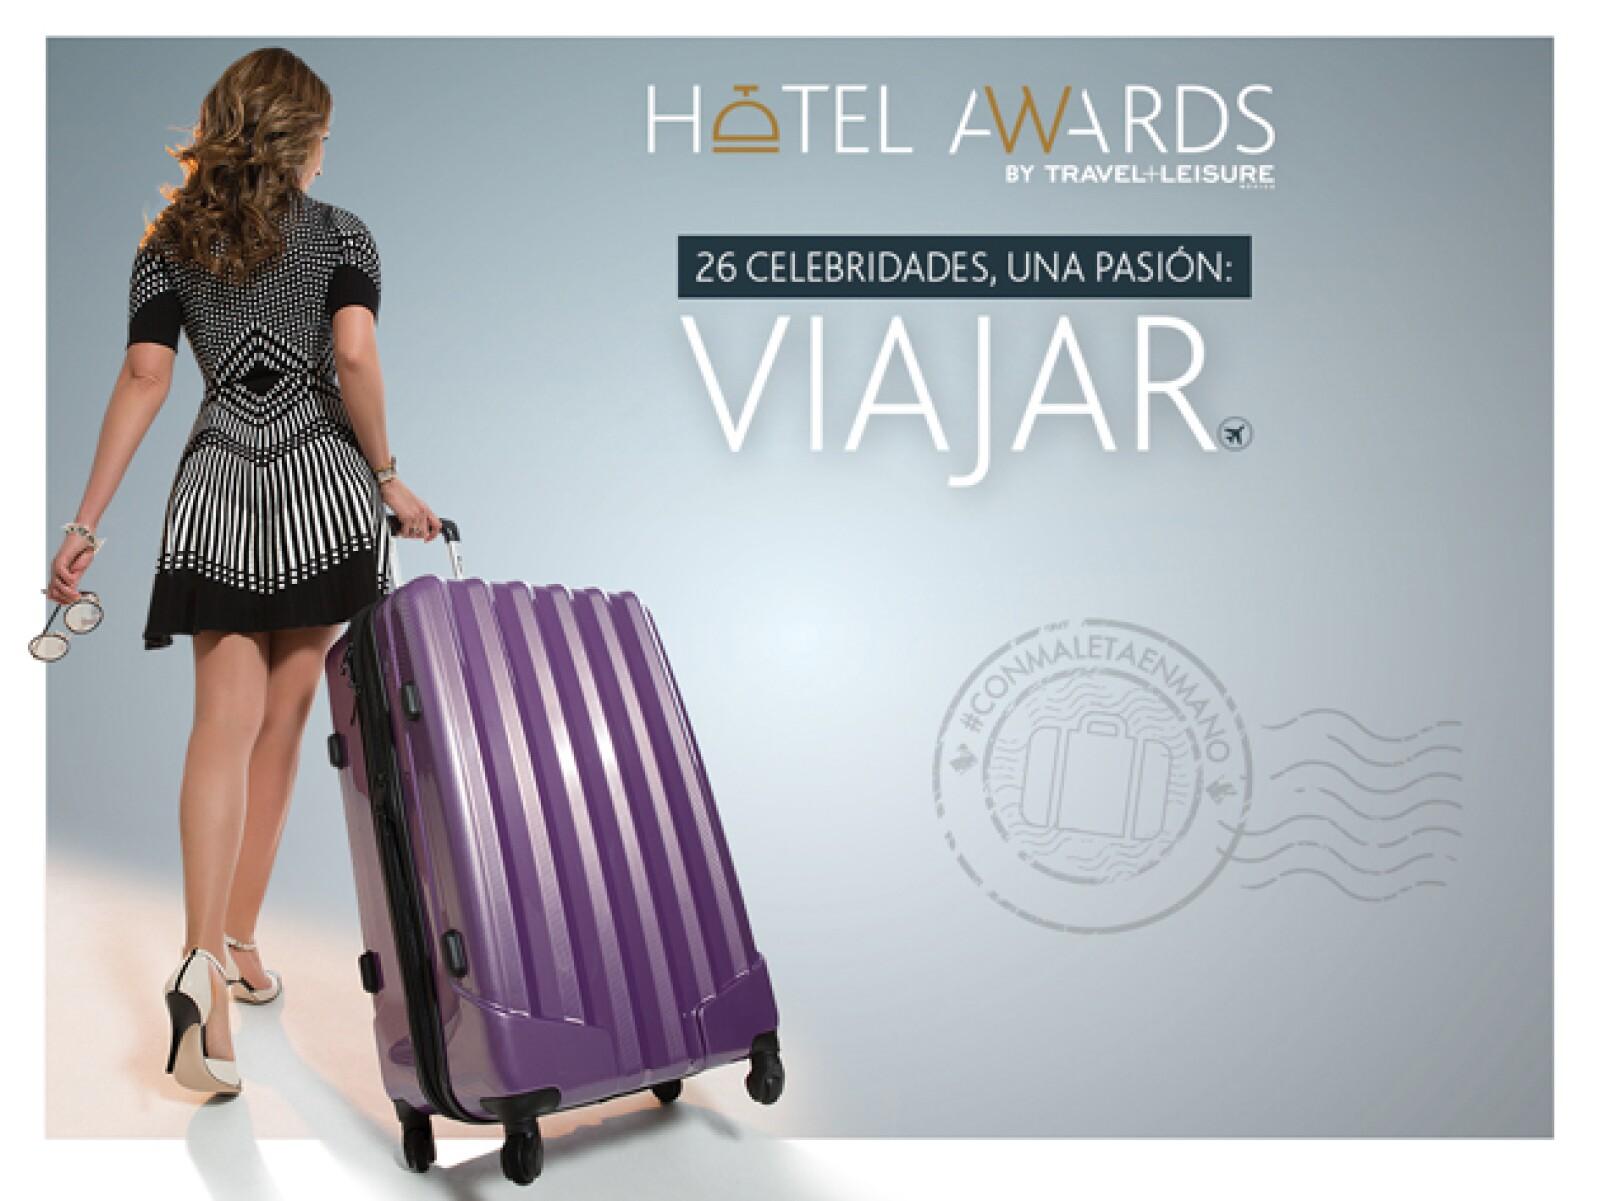 Su Bucket List incluye los mejores destinos de México. #ConMaletaEnMano